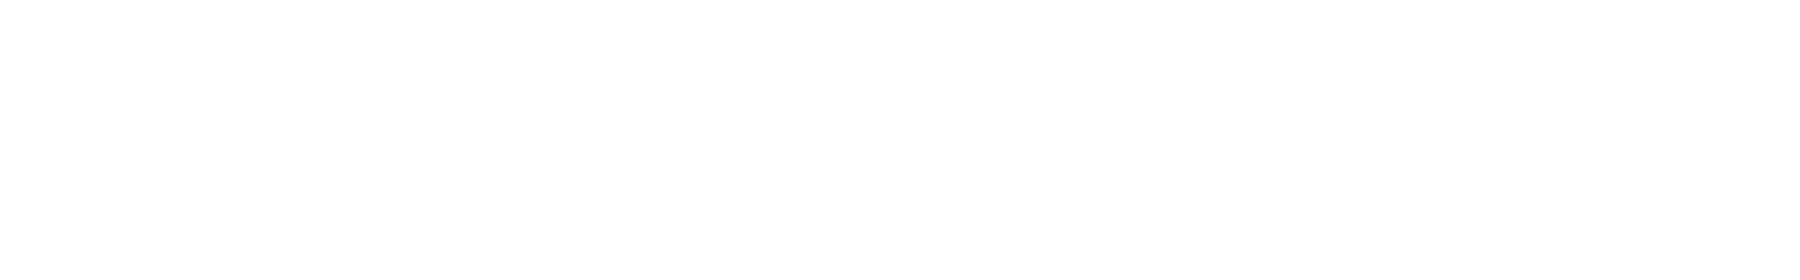 bluezone xworld sound 060